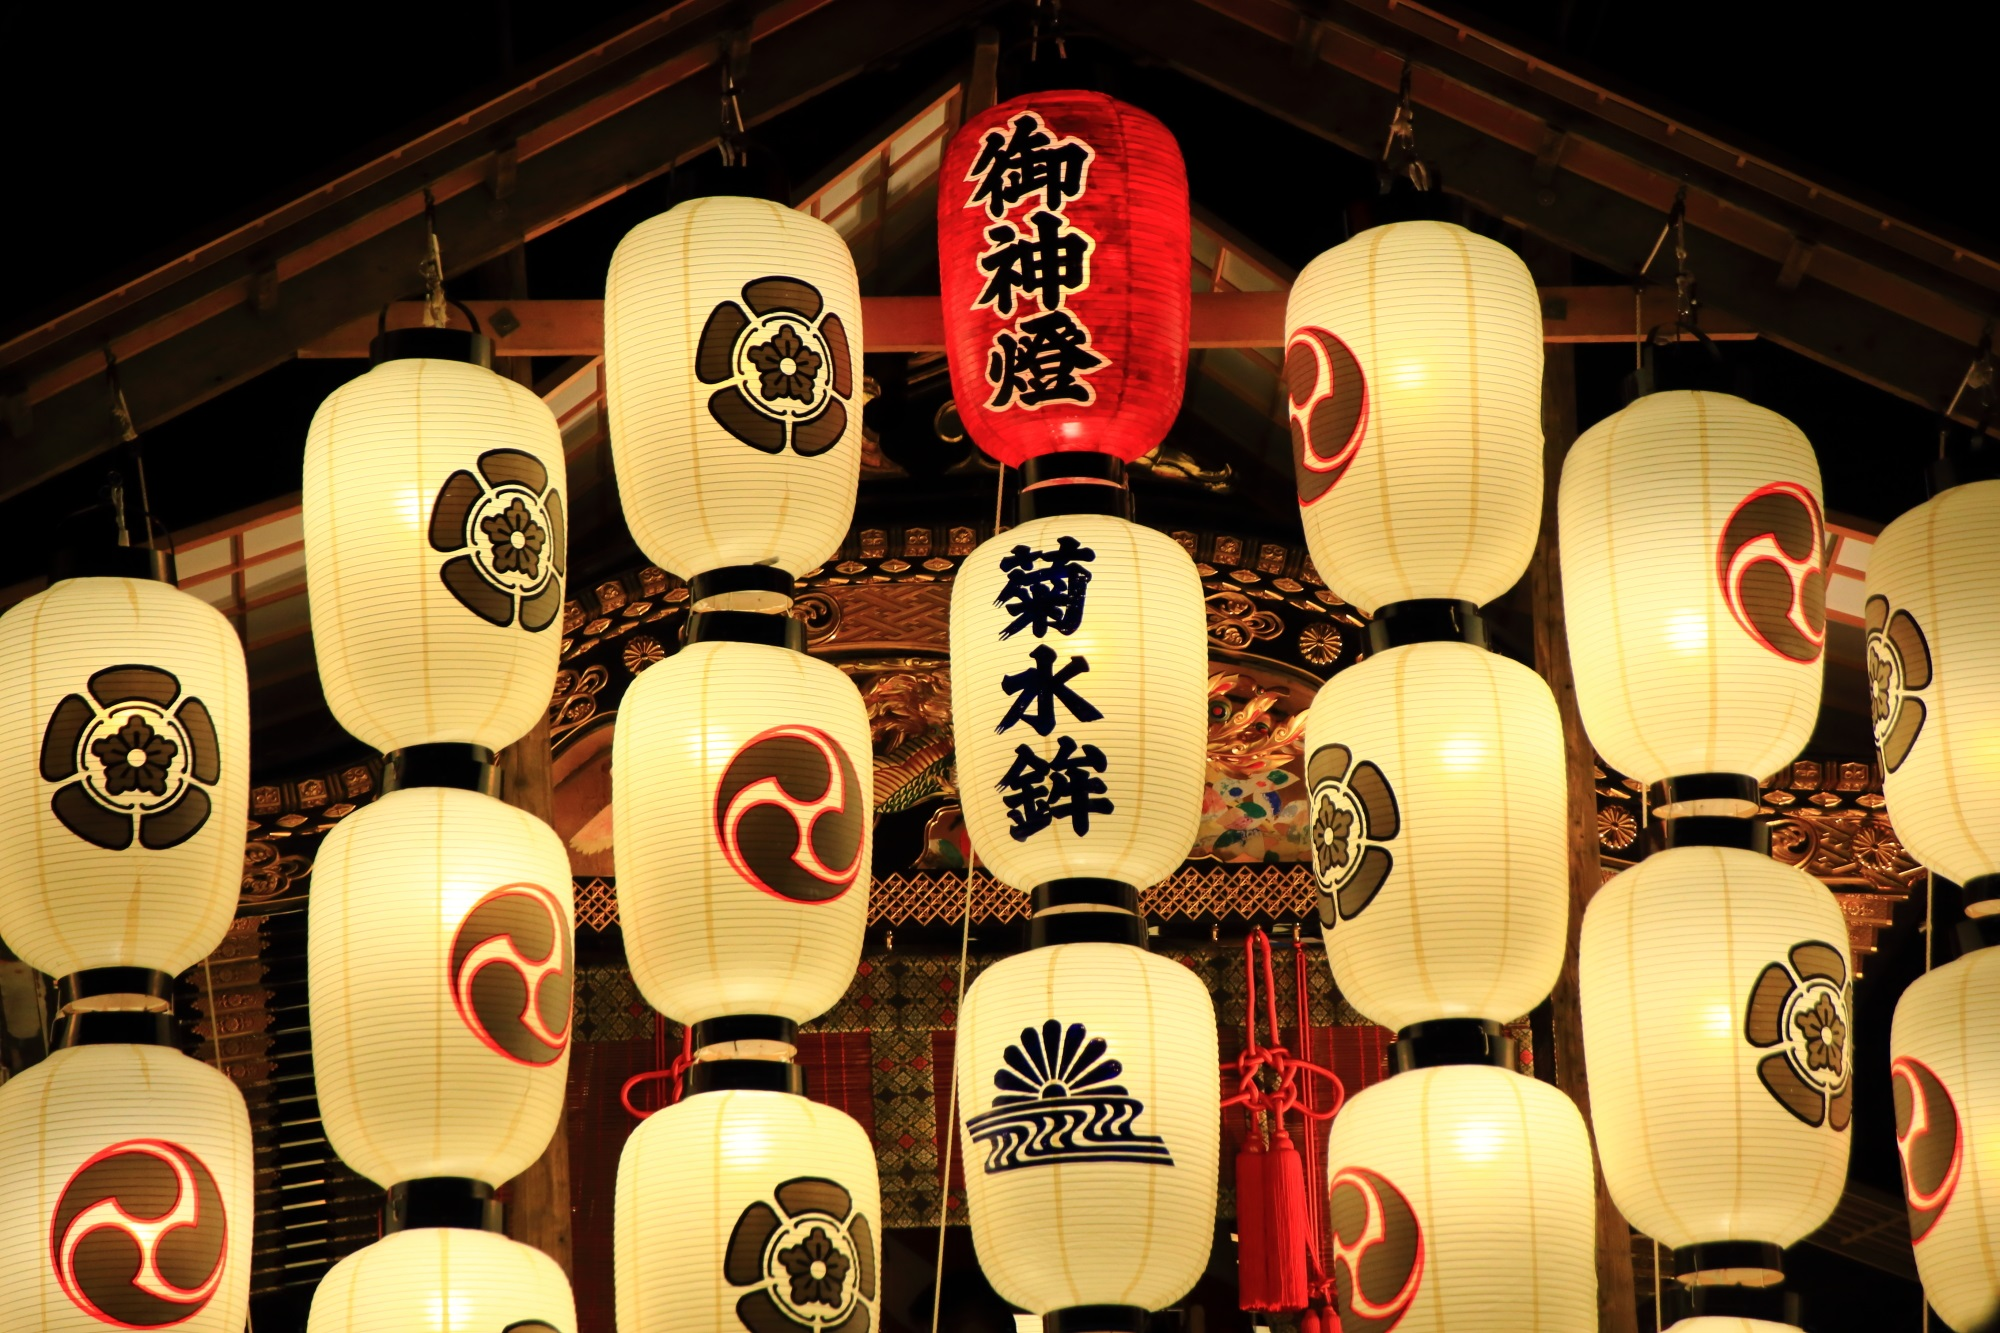 高画質 宵山 祇園祭 写真 菊水鉾 駒形提灯